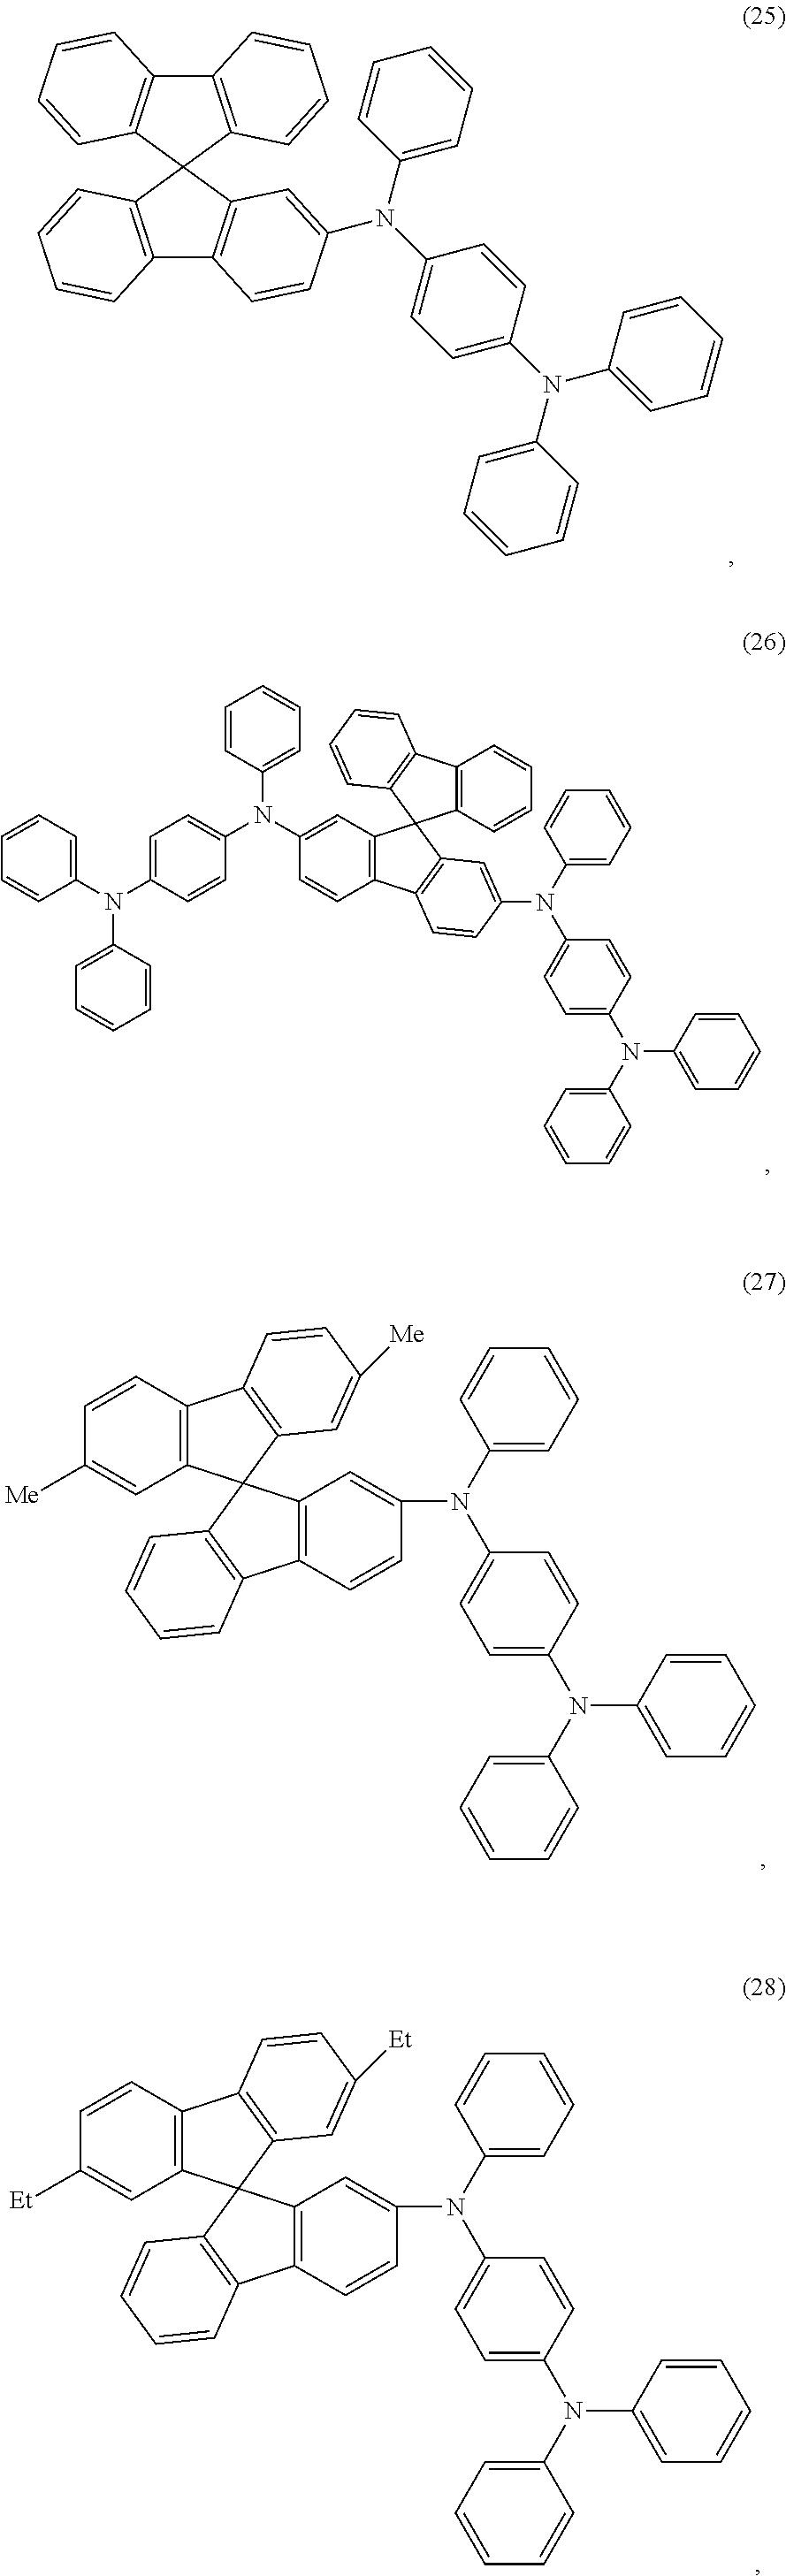 Figure US09548457-20170117-C00047